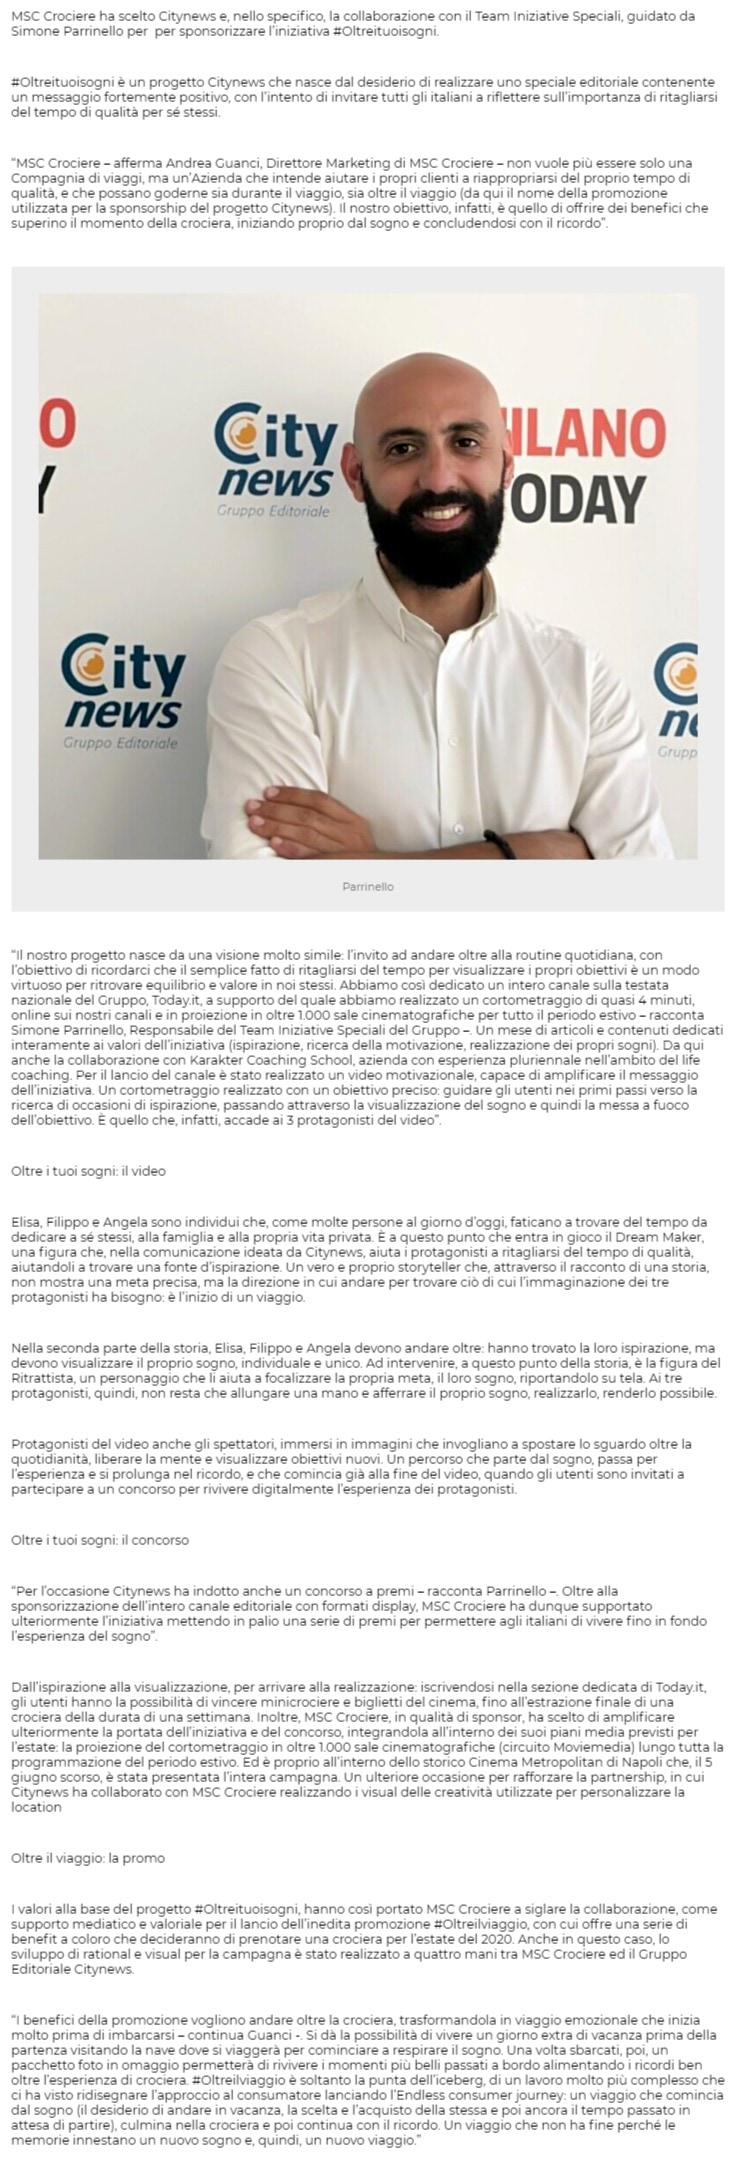 MSC Crociere sceglieCitynews per sponsorizzare il progetto #Oltreituoisogni -  Primaonline, 9 luglio 2019-2